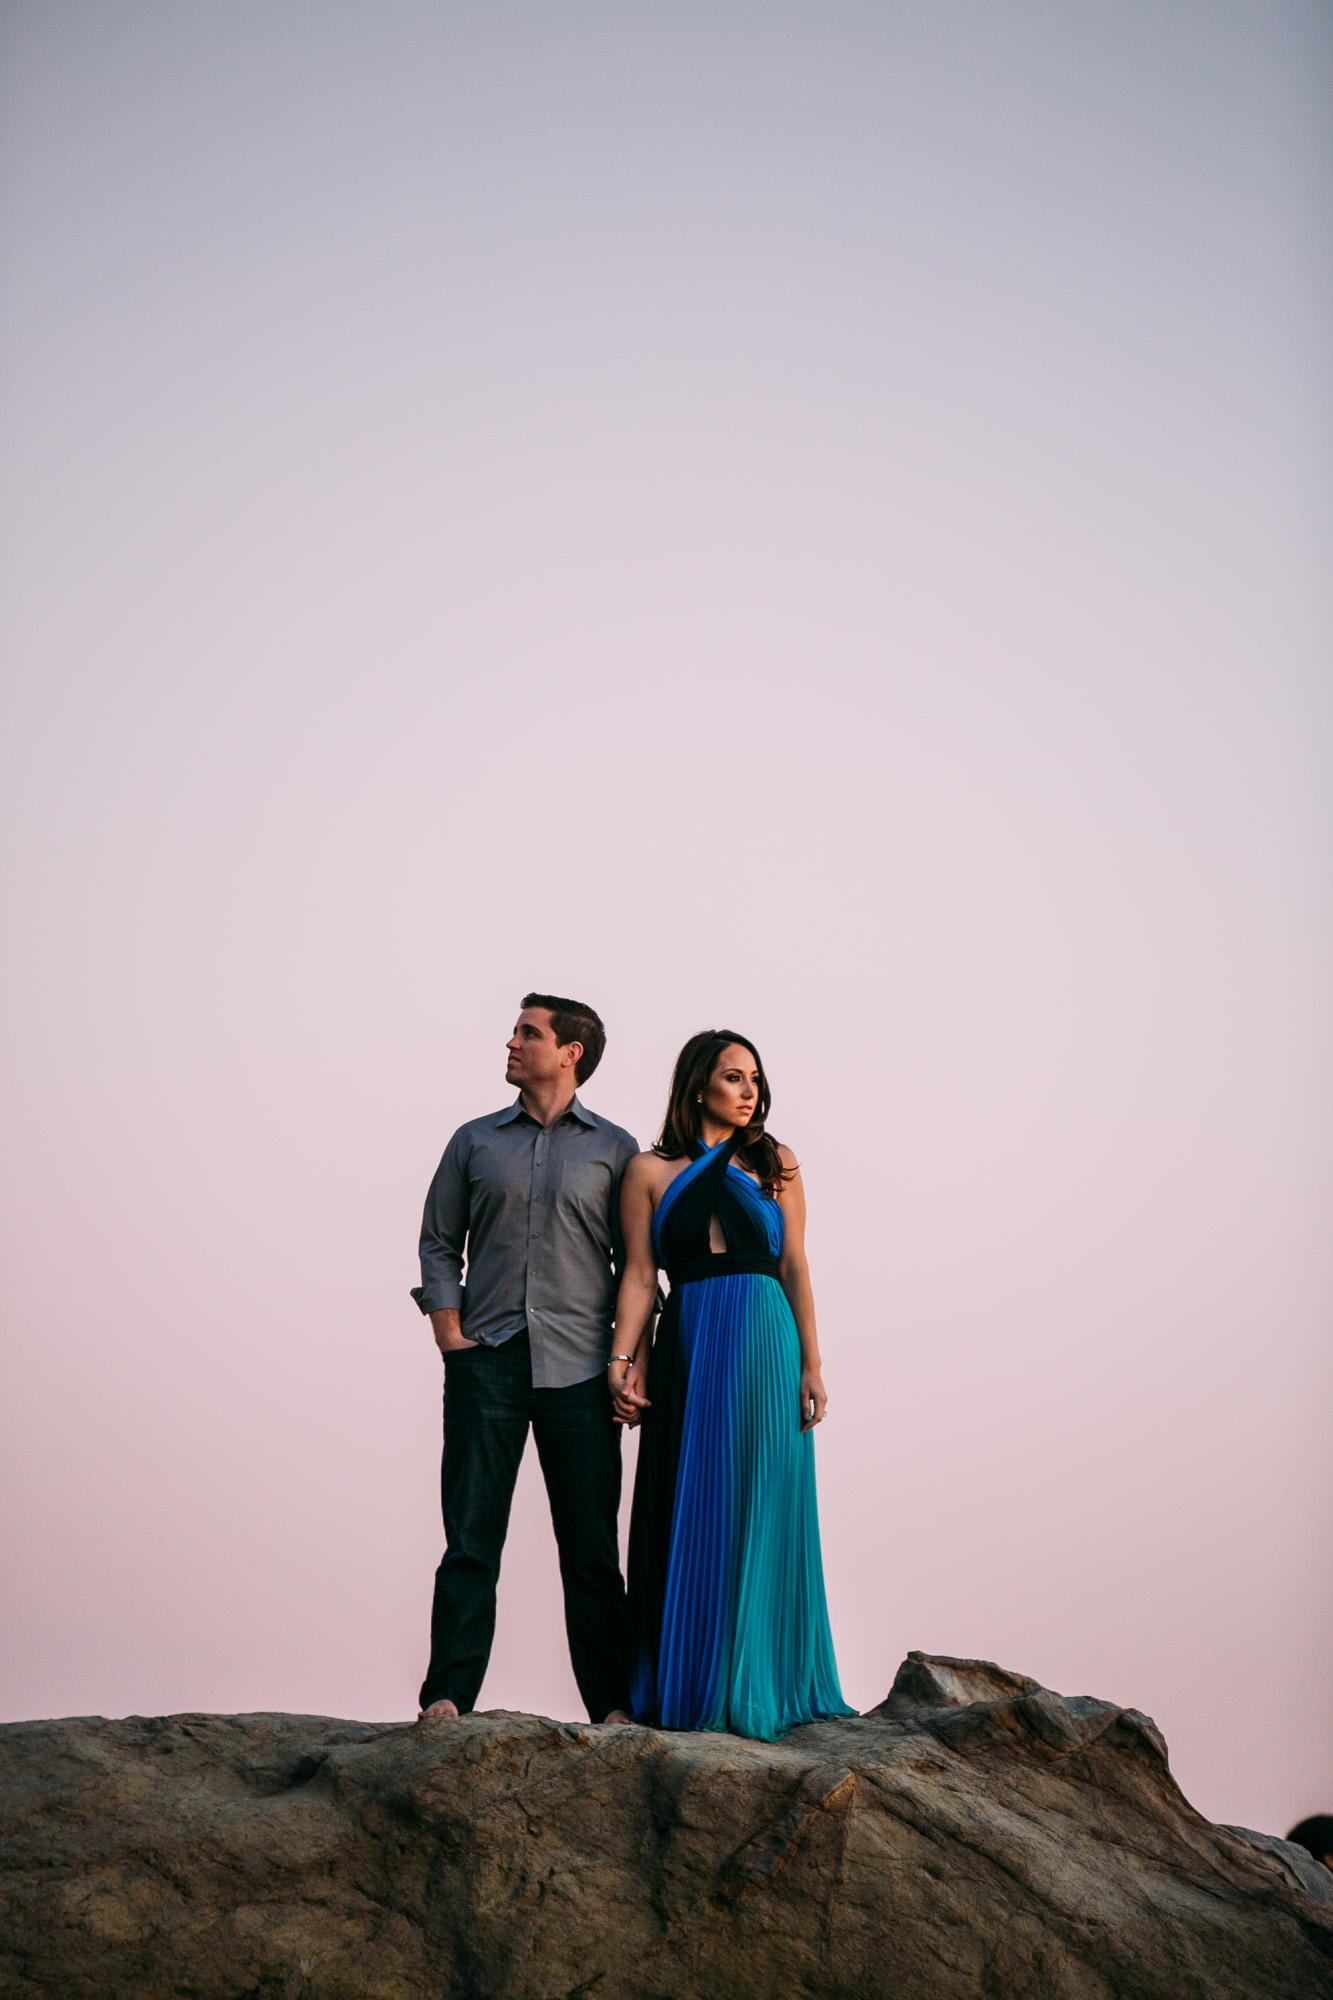 2017.2.28-LJ_Laguna_Beach_Engagement_Photography_Sarah_Mack_Photo  105-2.jpg